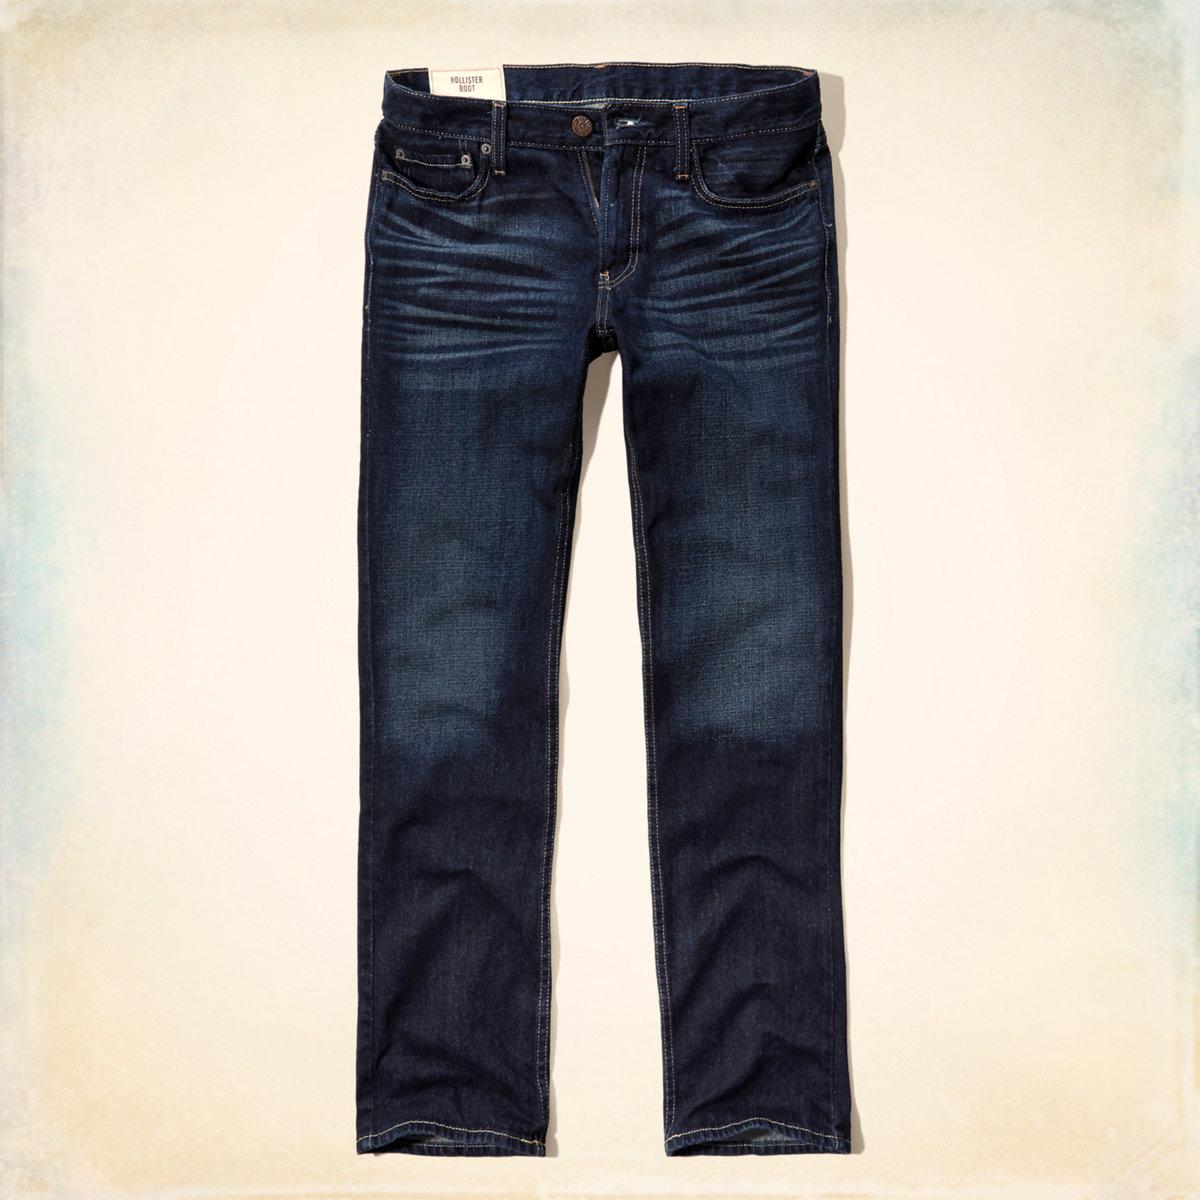 Hollister Boot Zipper Fly Jeans